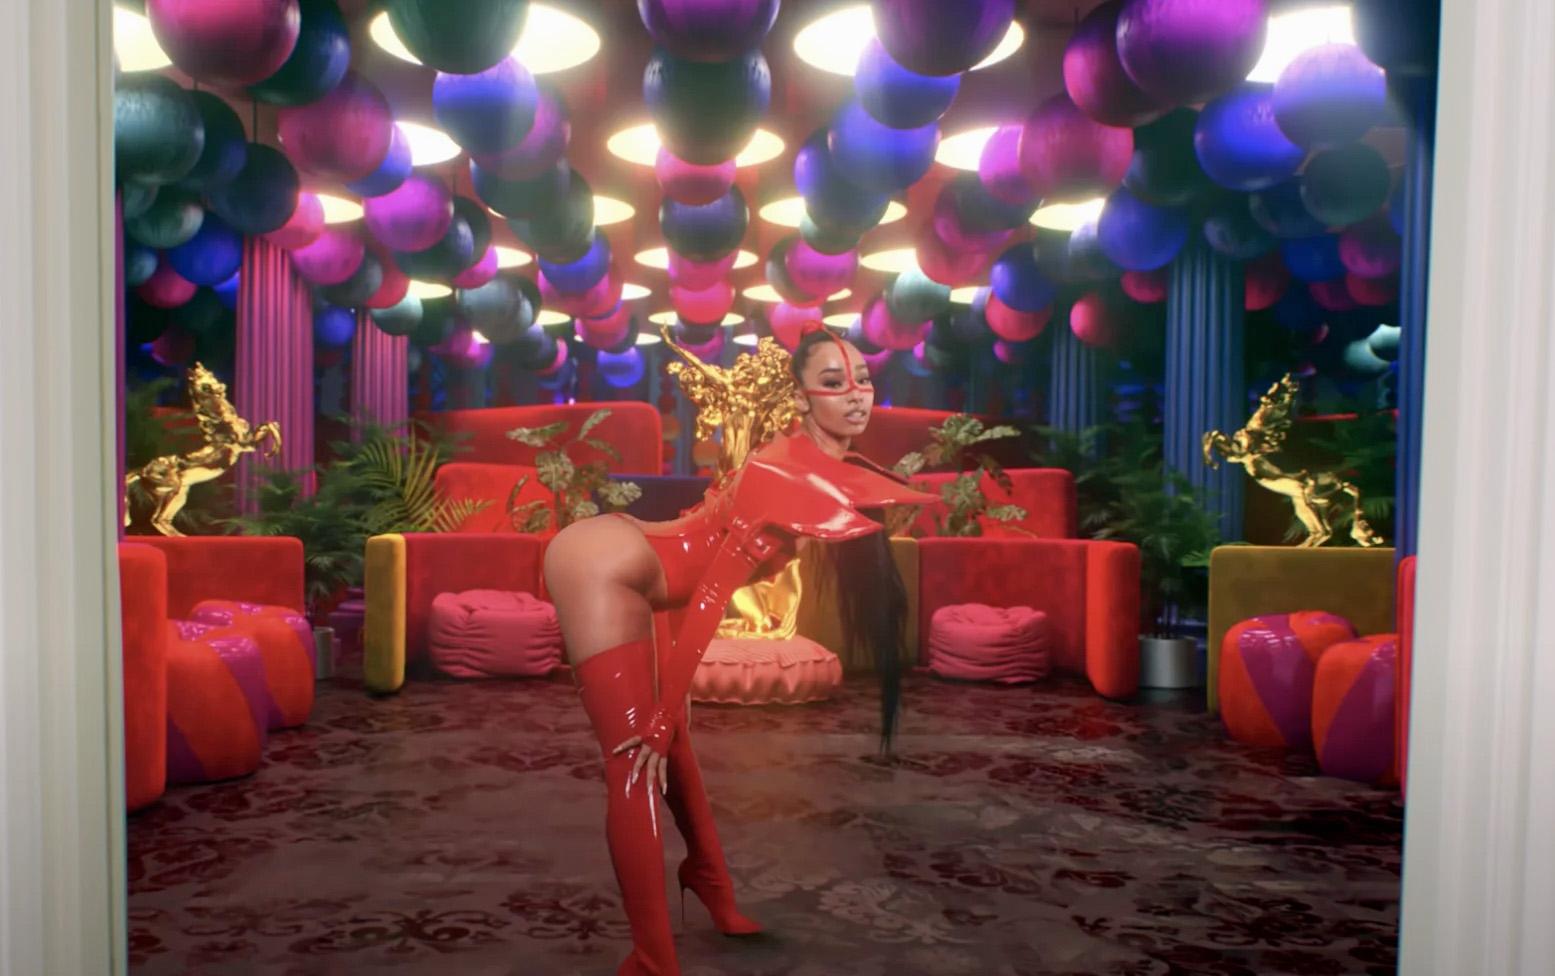 Rubi Rose i videoen til WAP med Cardi B og Megan Thee Stallion (Atlantic/Warner)